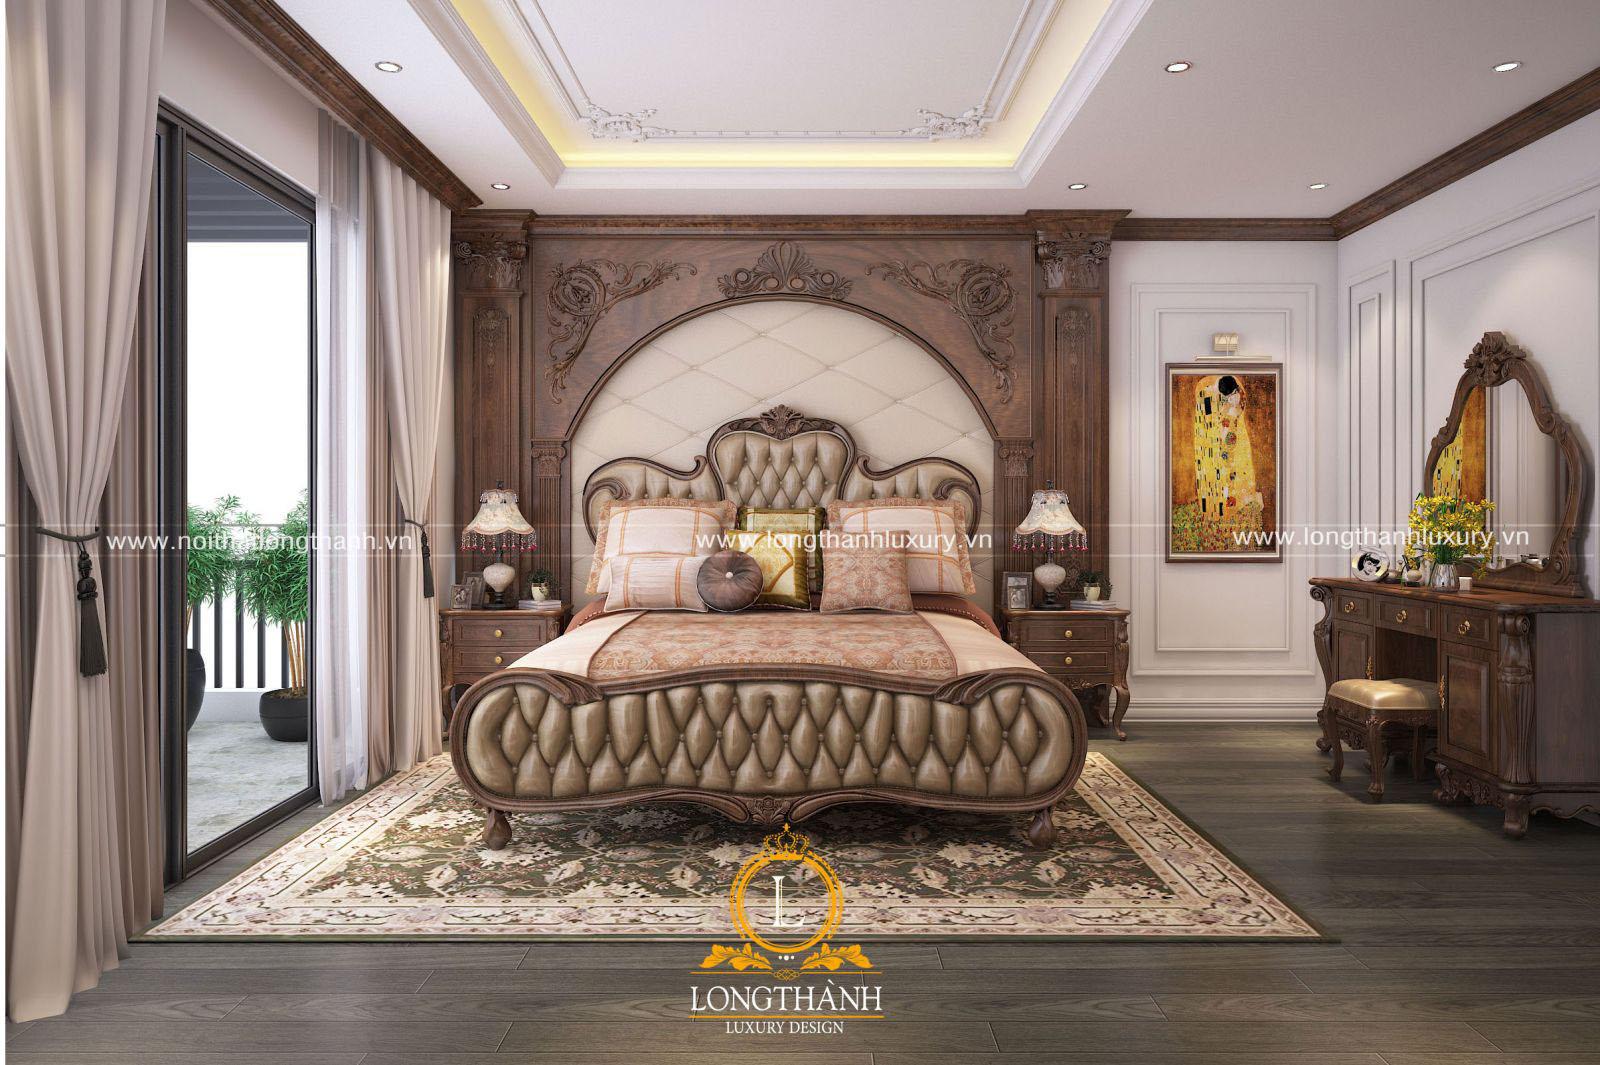 Một thiết kế phòng ngủ tân cổ điển đẹp của nội thất Long Thành